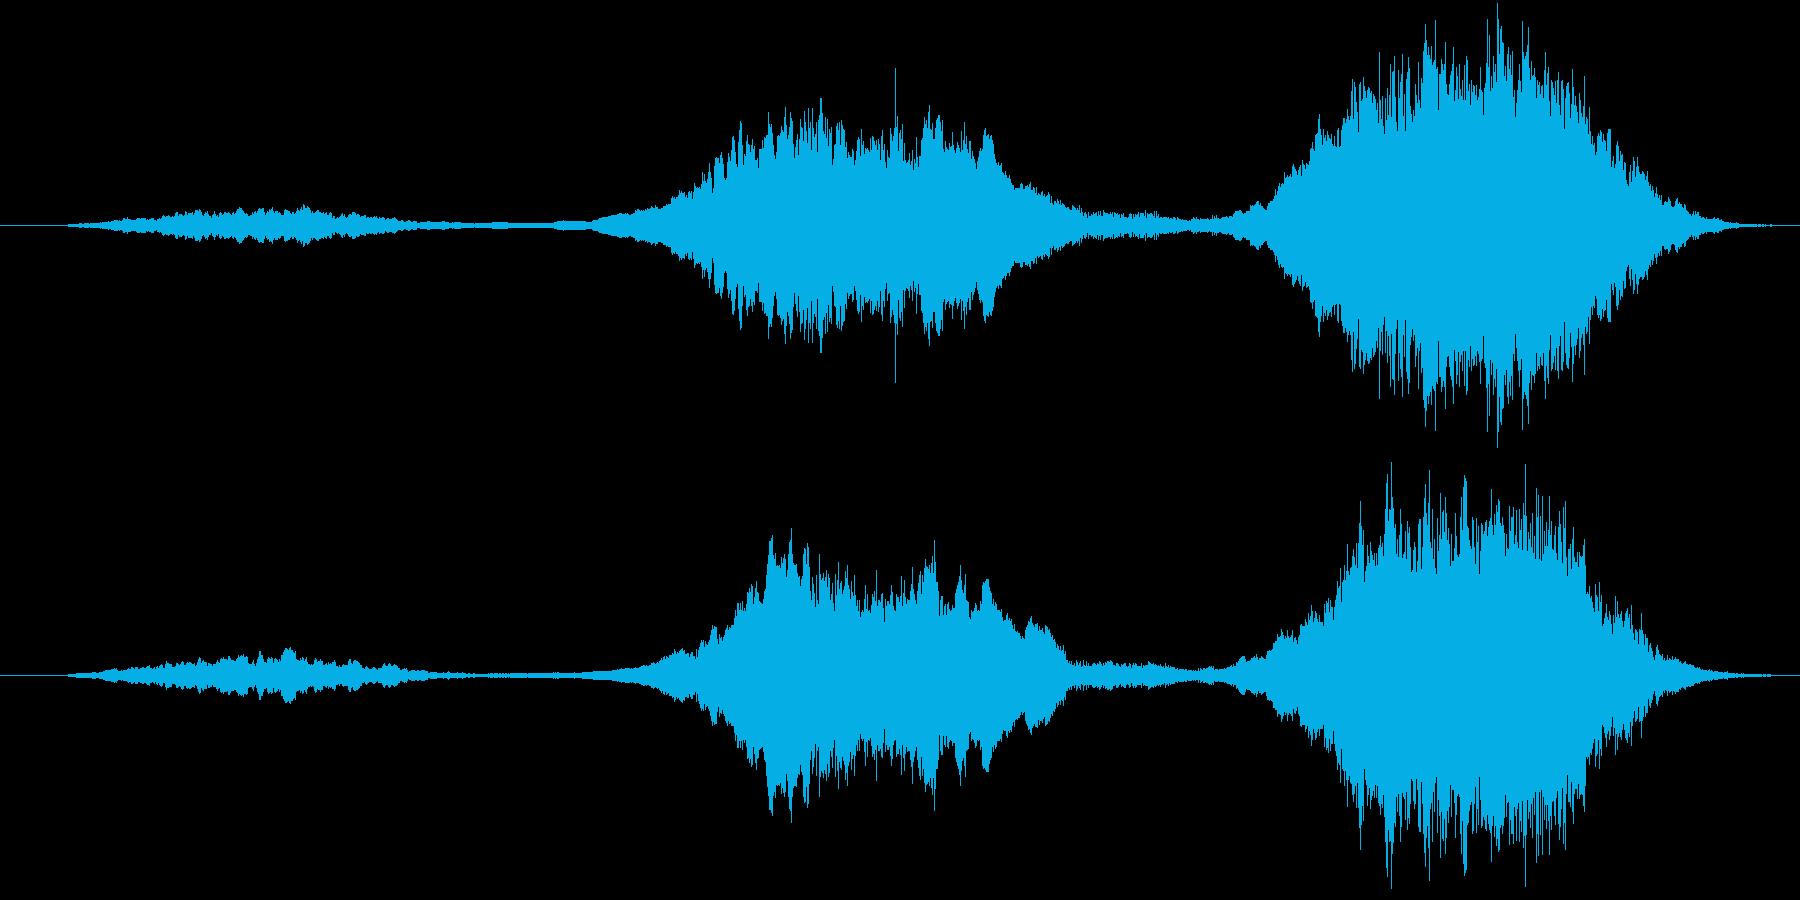 ストリングスによる不協和音の再生済みの波形